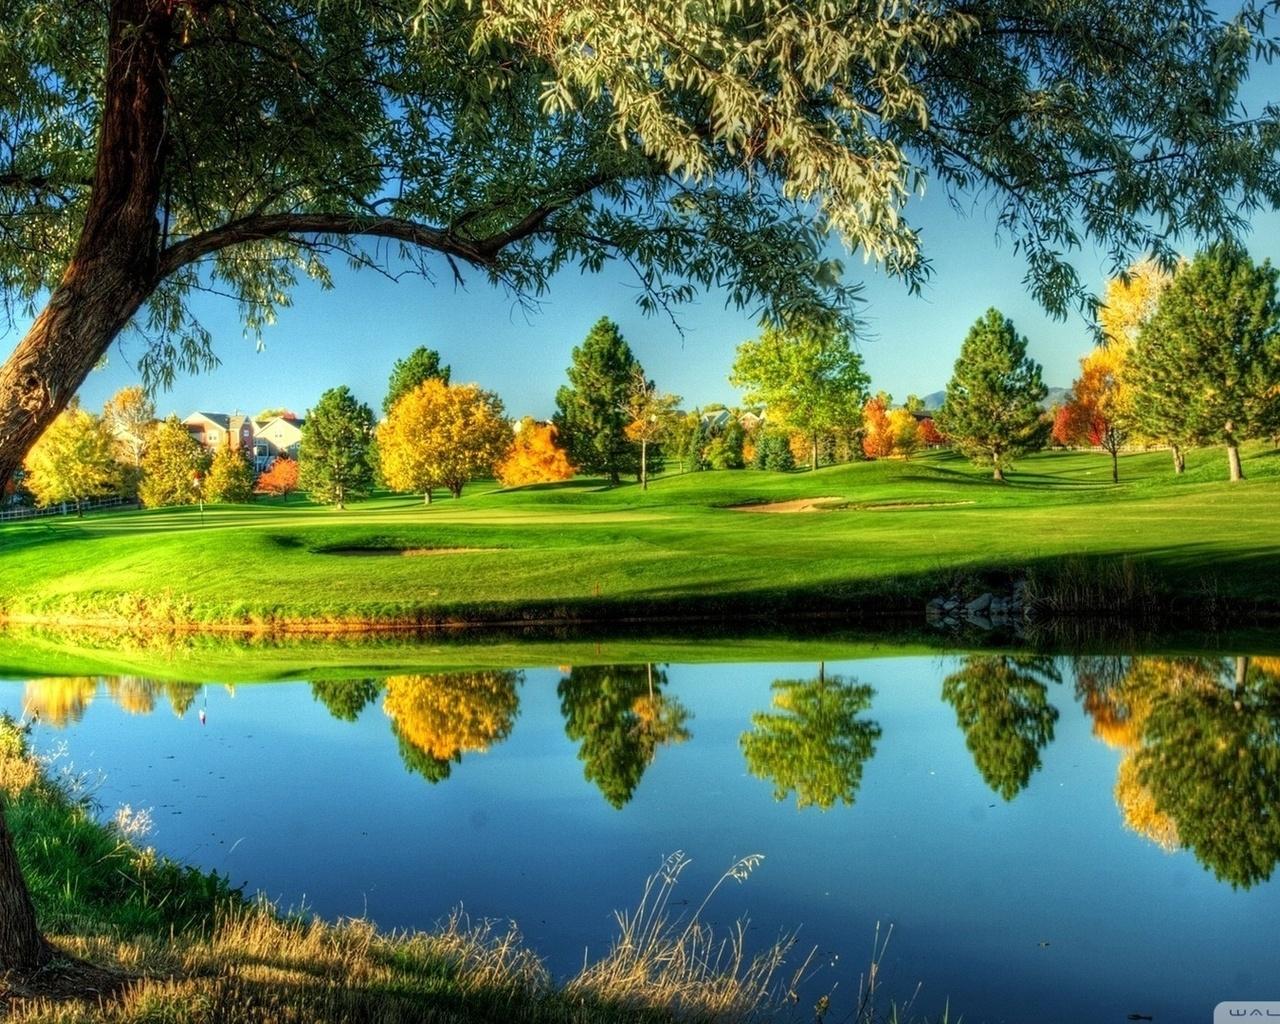 golf, sunny, course